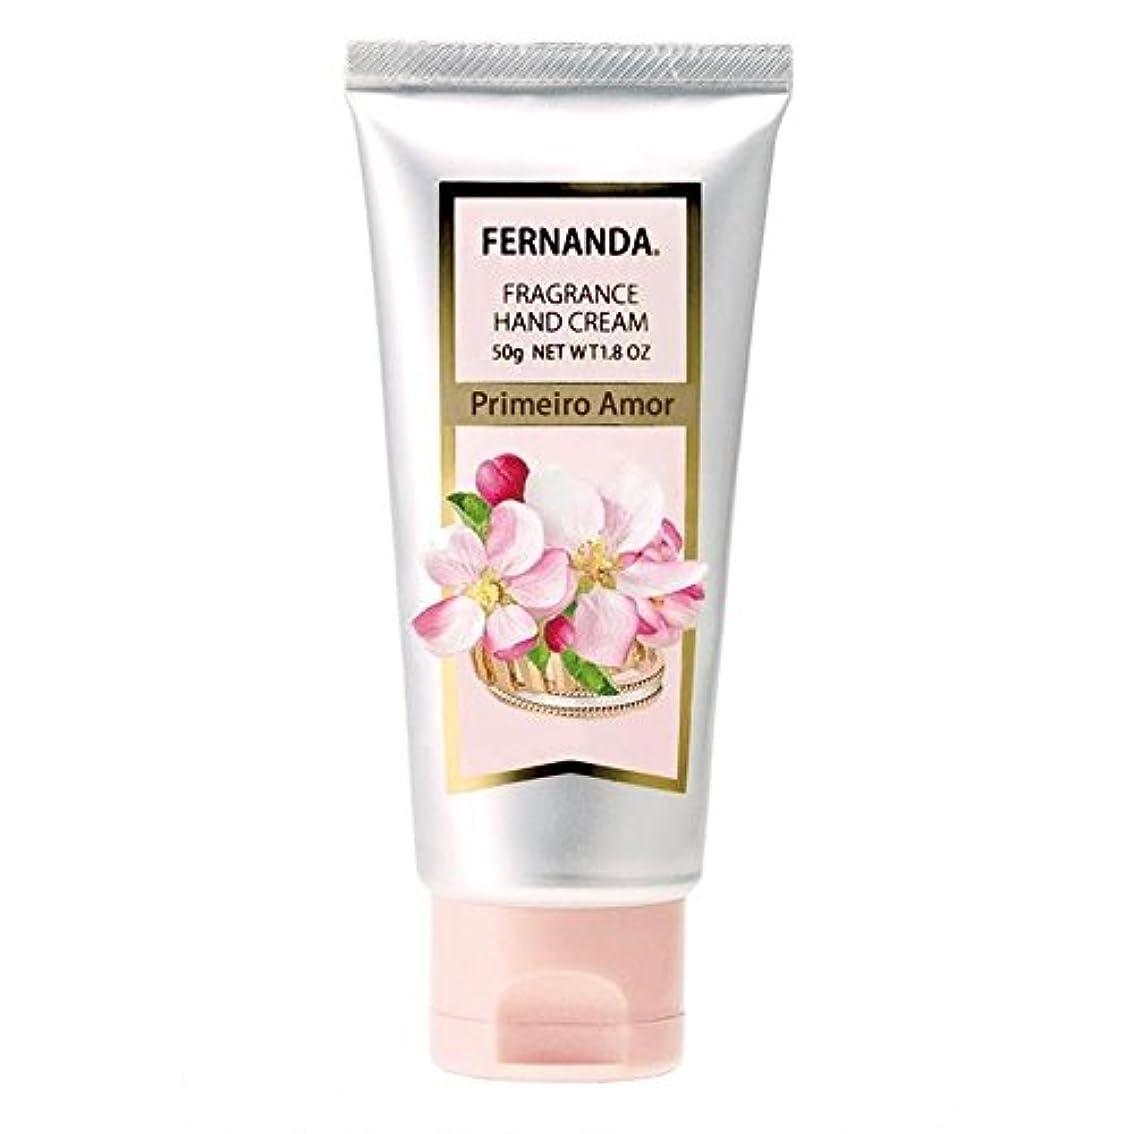 左大聖堂欠点FERNANDA(フェルナンダ) Hand Cream Primeiro Amor(ハンドクリーム プリメイロアモール)